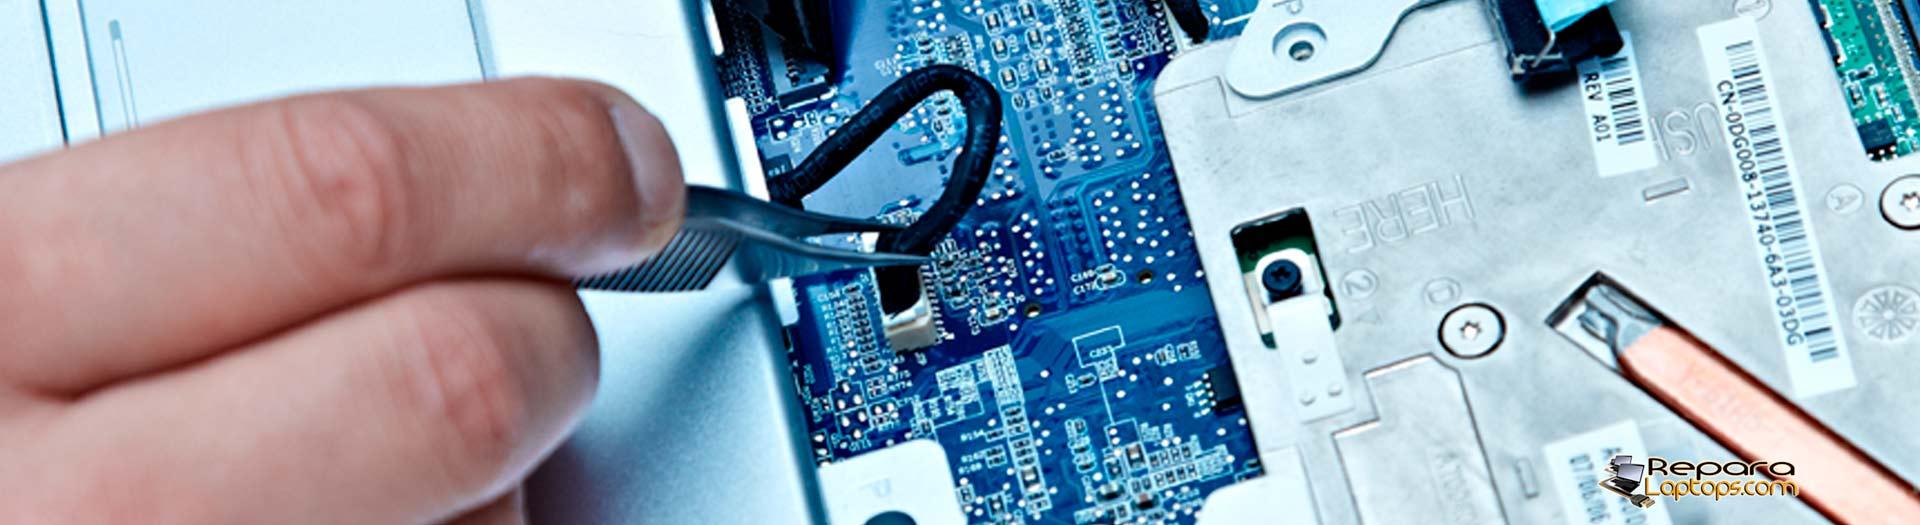 Laptop Portatil Reparacion Servicio Tarjeta Madre